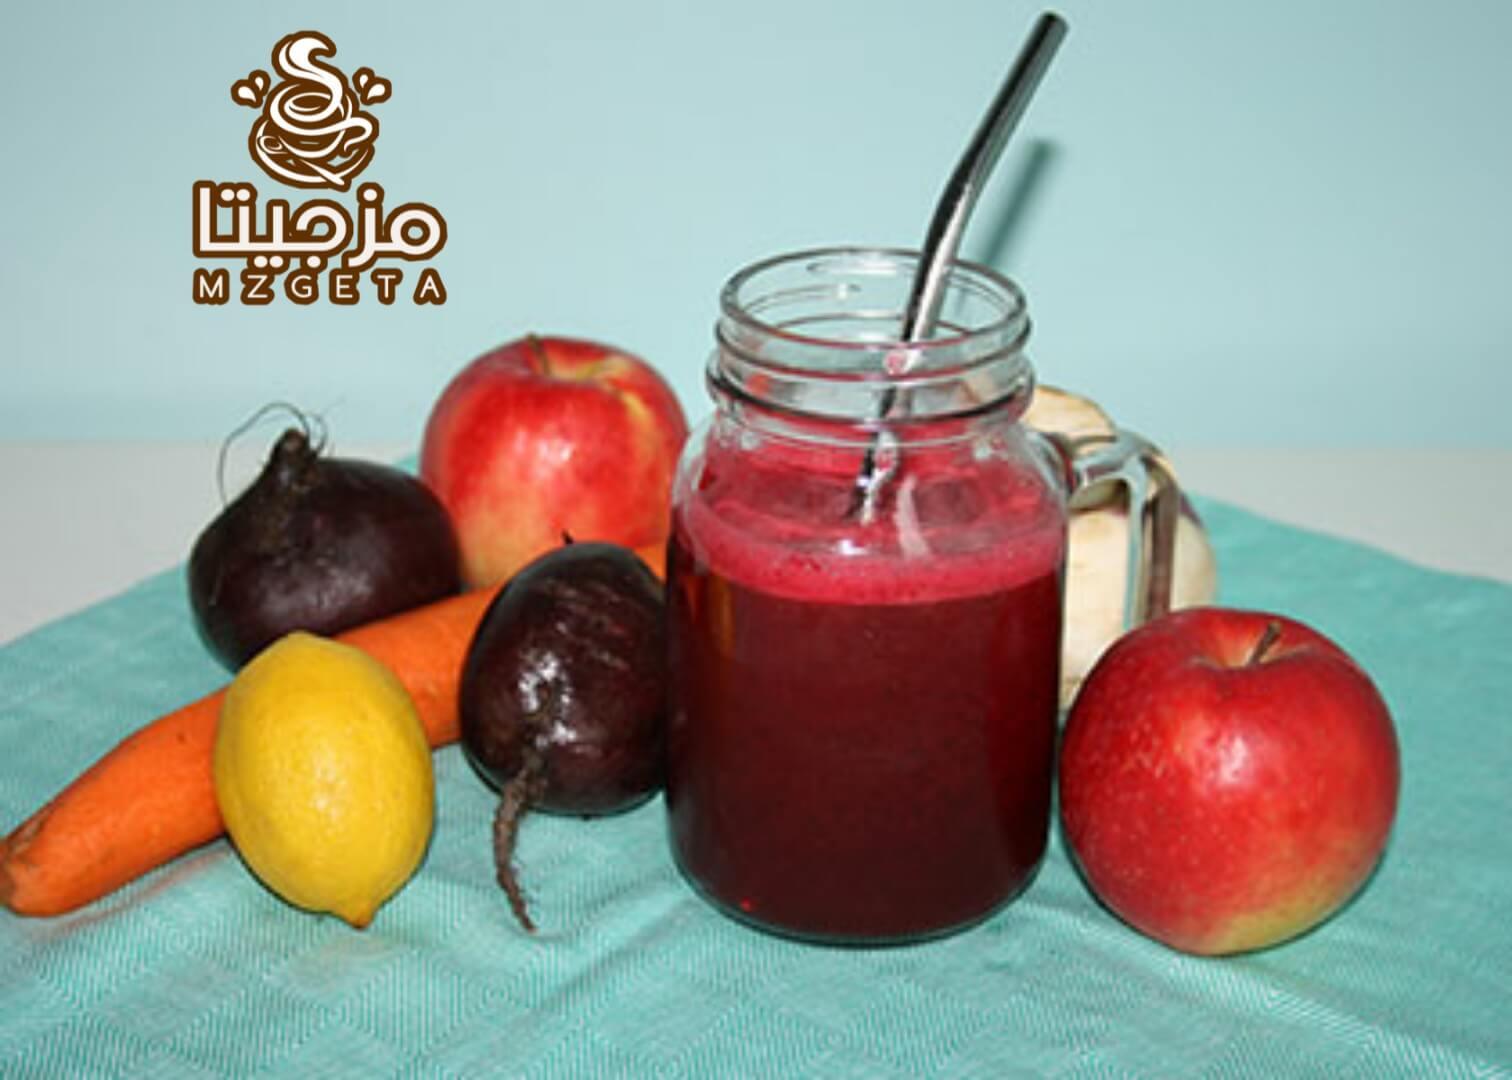 برطمان من عصير الرمان بالبنطر وبجواره بعض الفواكه تفاح وشمندر وجزر وليمون